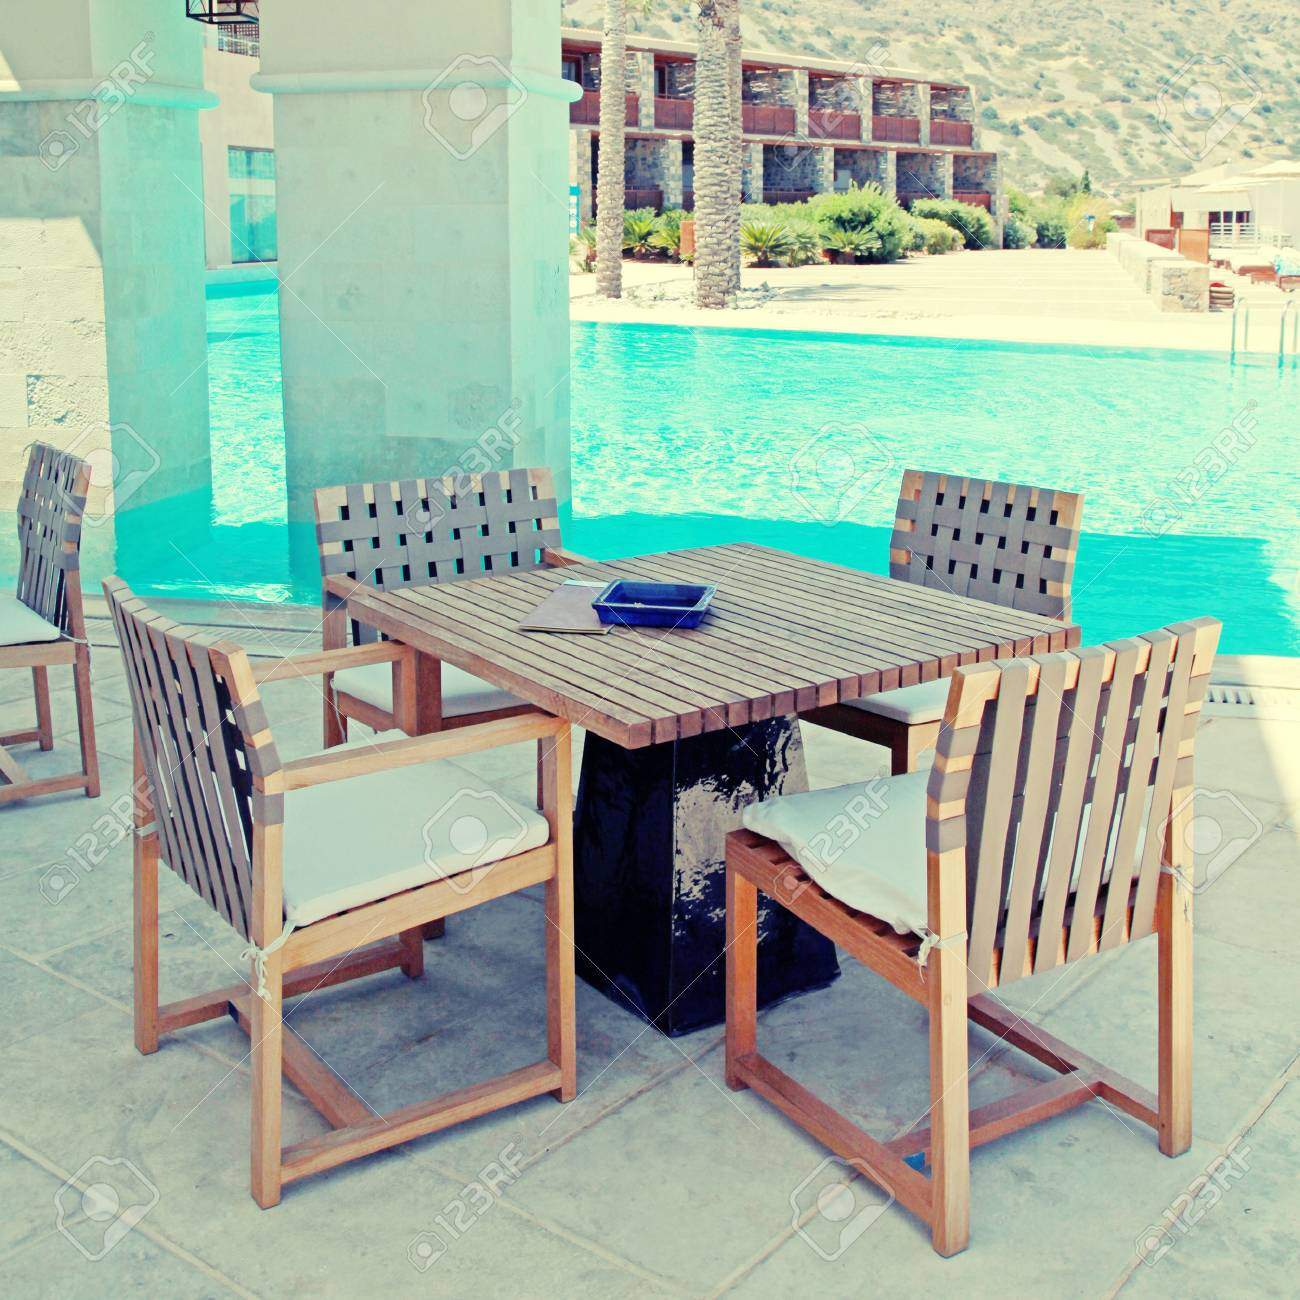 sommer-terrasse des hotels mit pool, outdoor-holz stühle und tisch